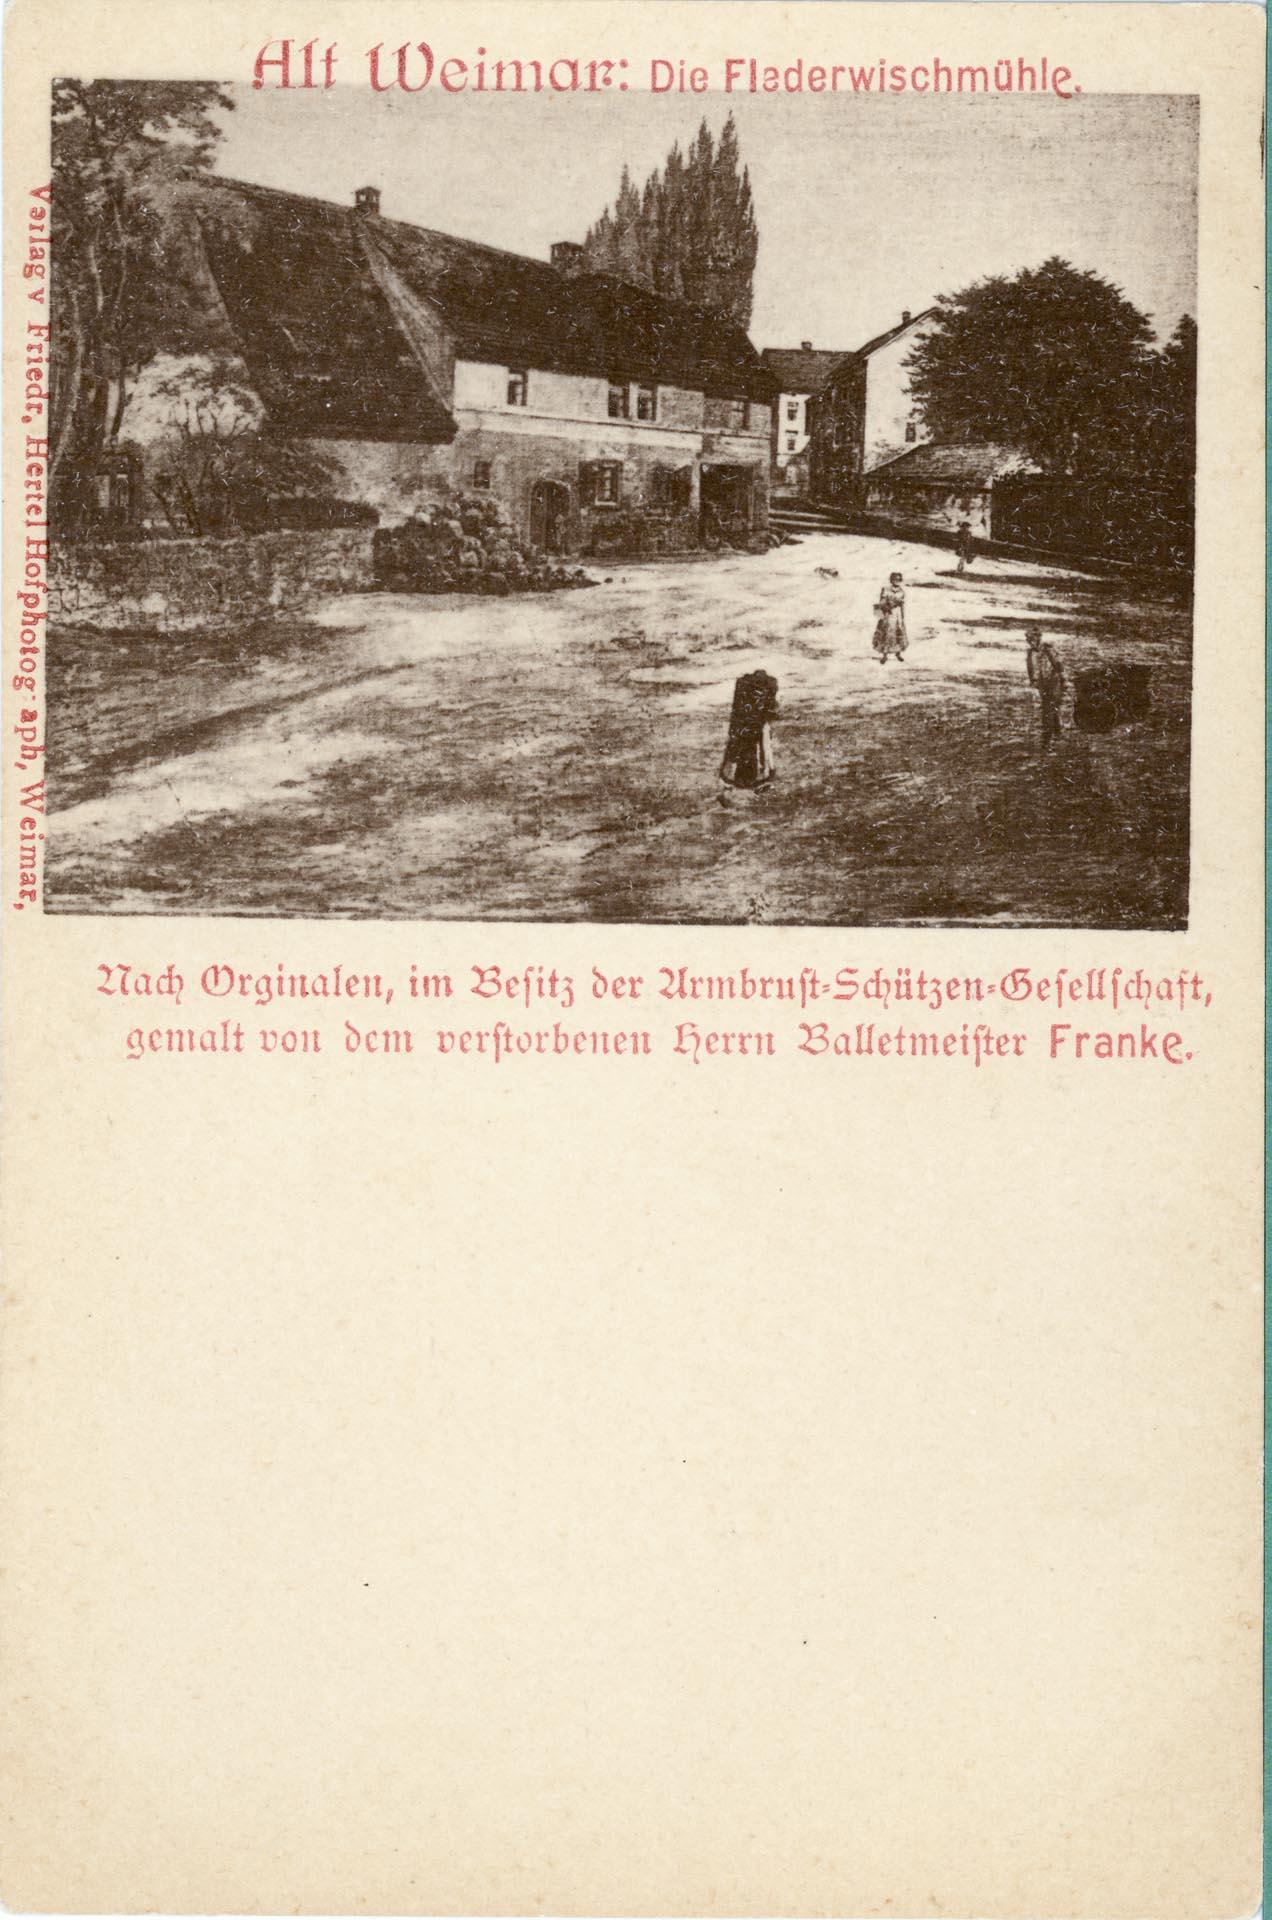 Fladerwischmühle